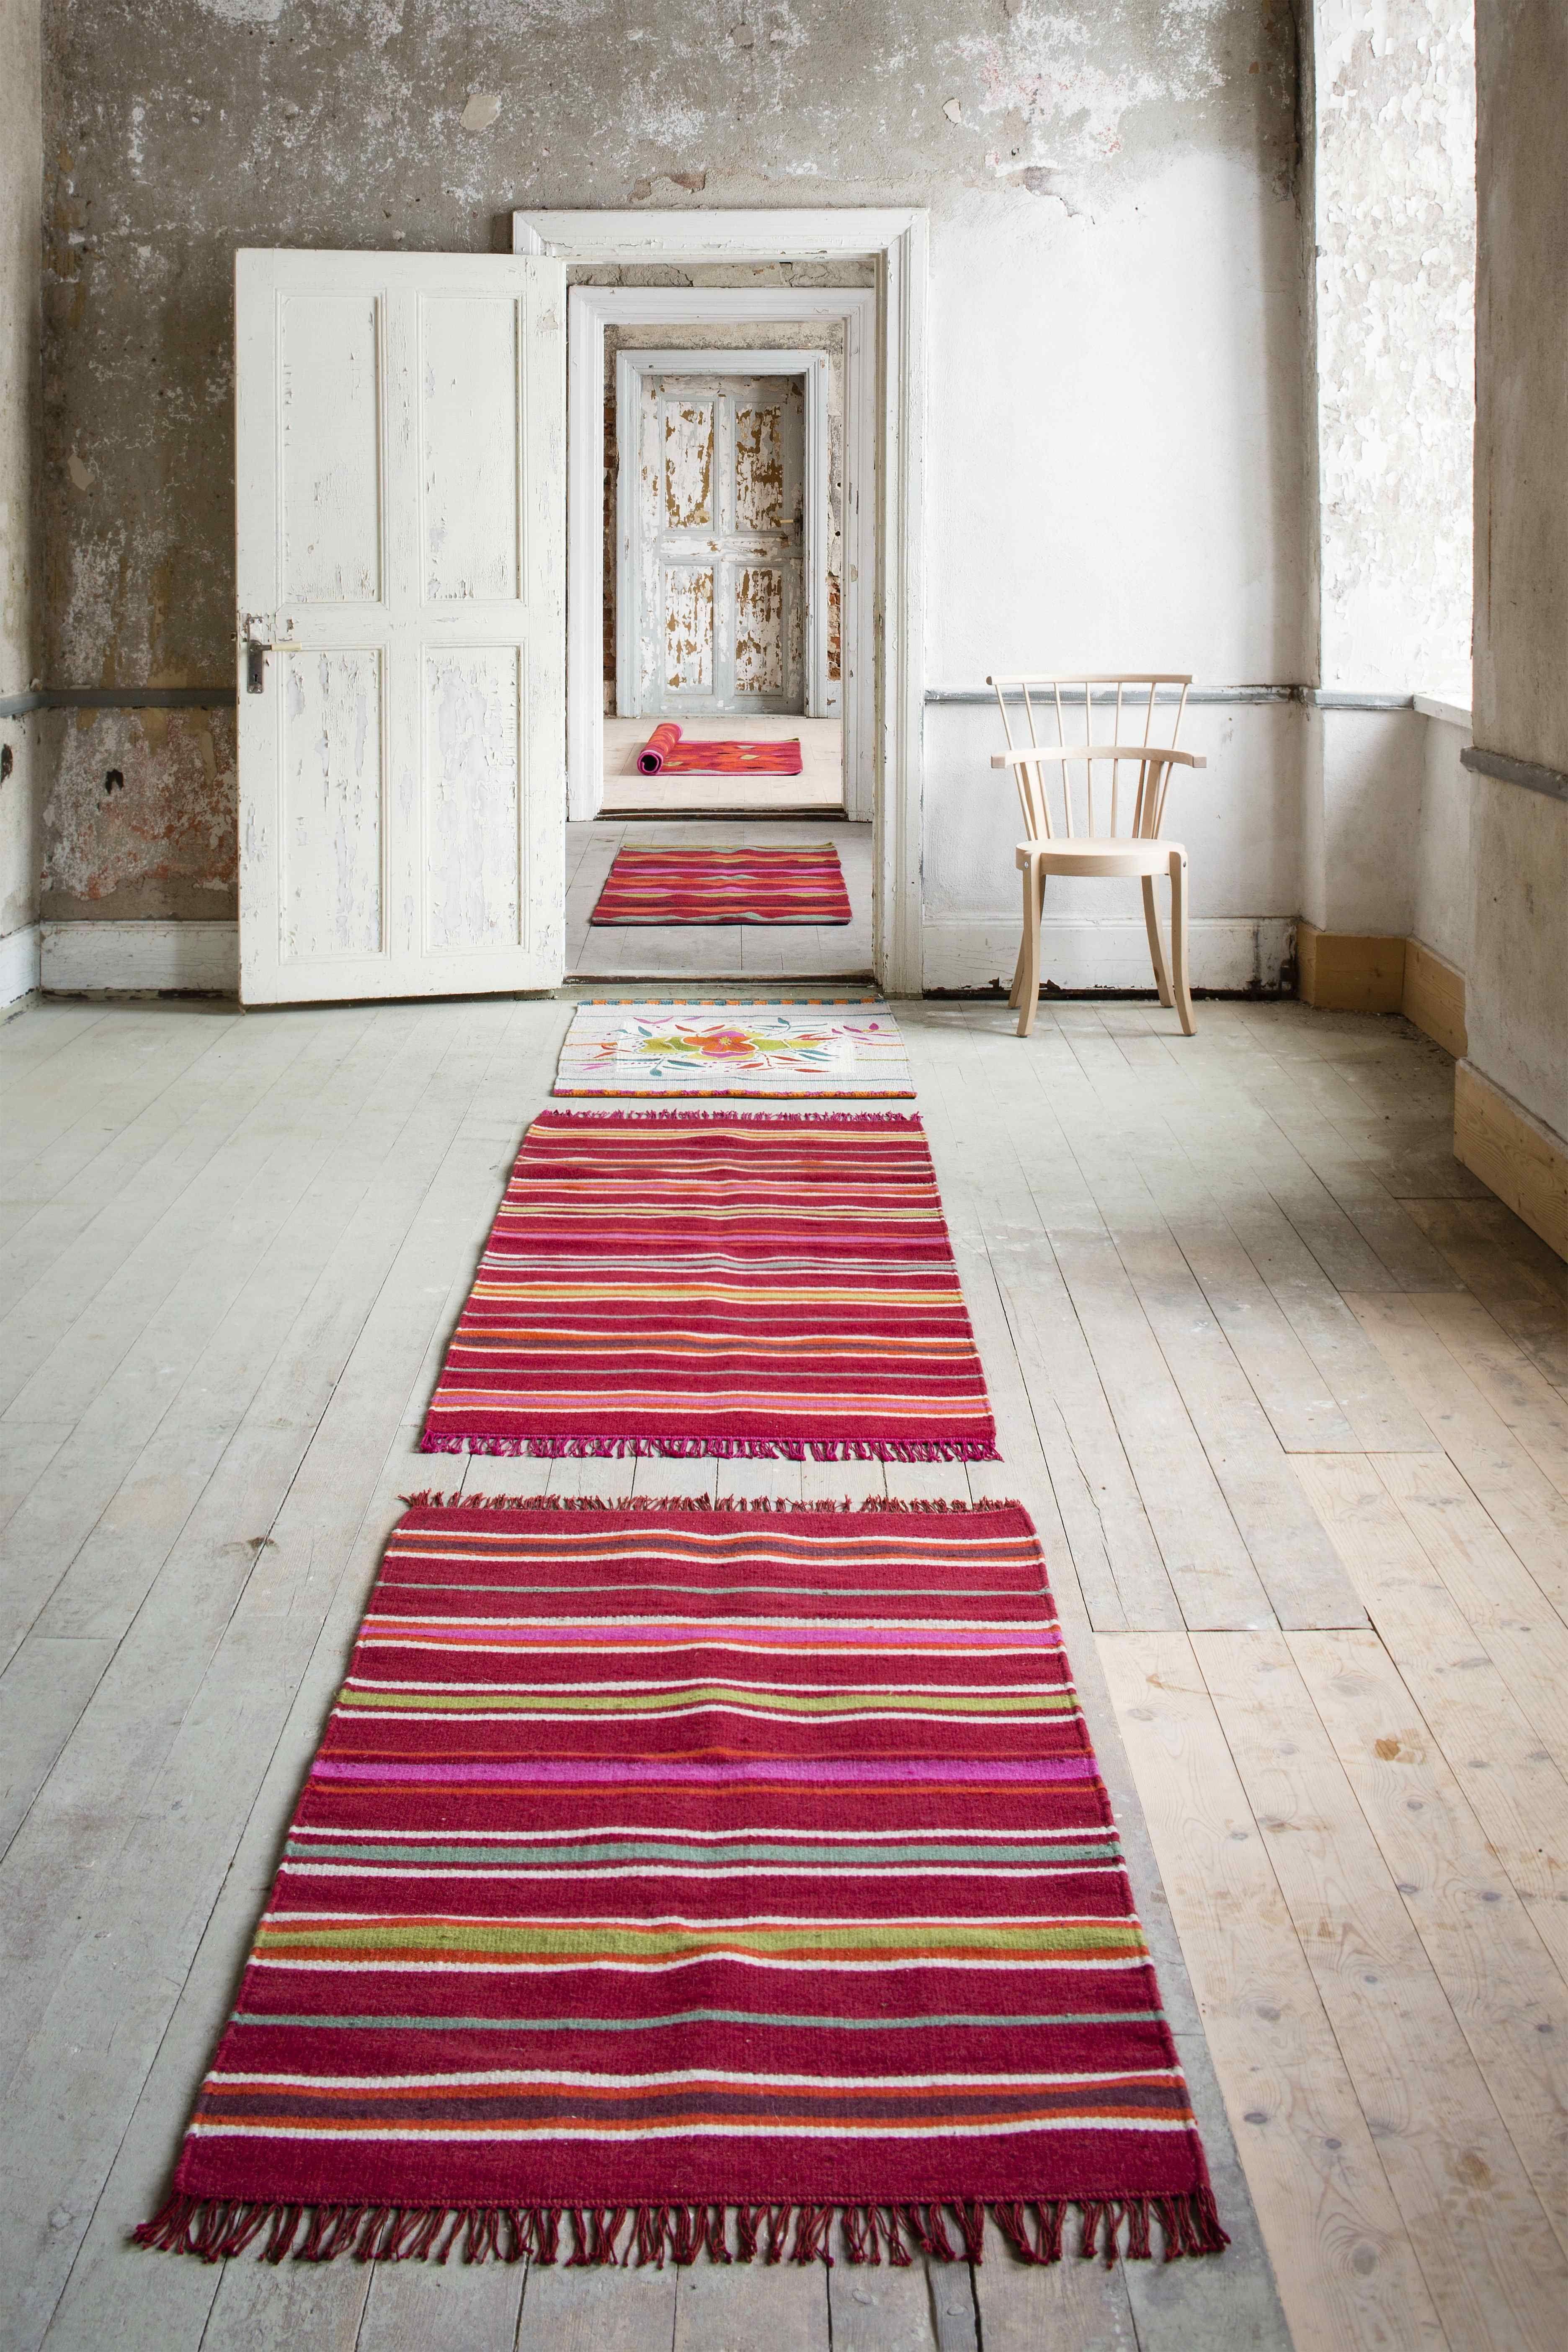 pin von gudrun sj d n auf skandinavisch wohnen pinterest streifen wohnen und skandinavisch. Black Bedroom Furniture Sets. Home Design Ideas